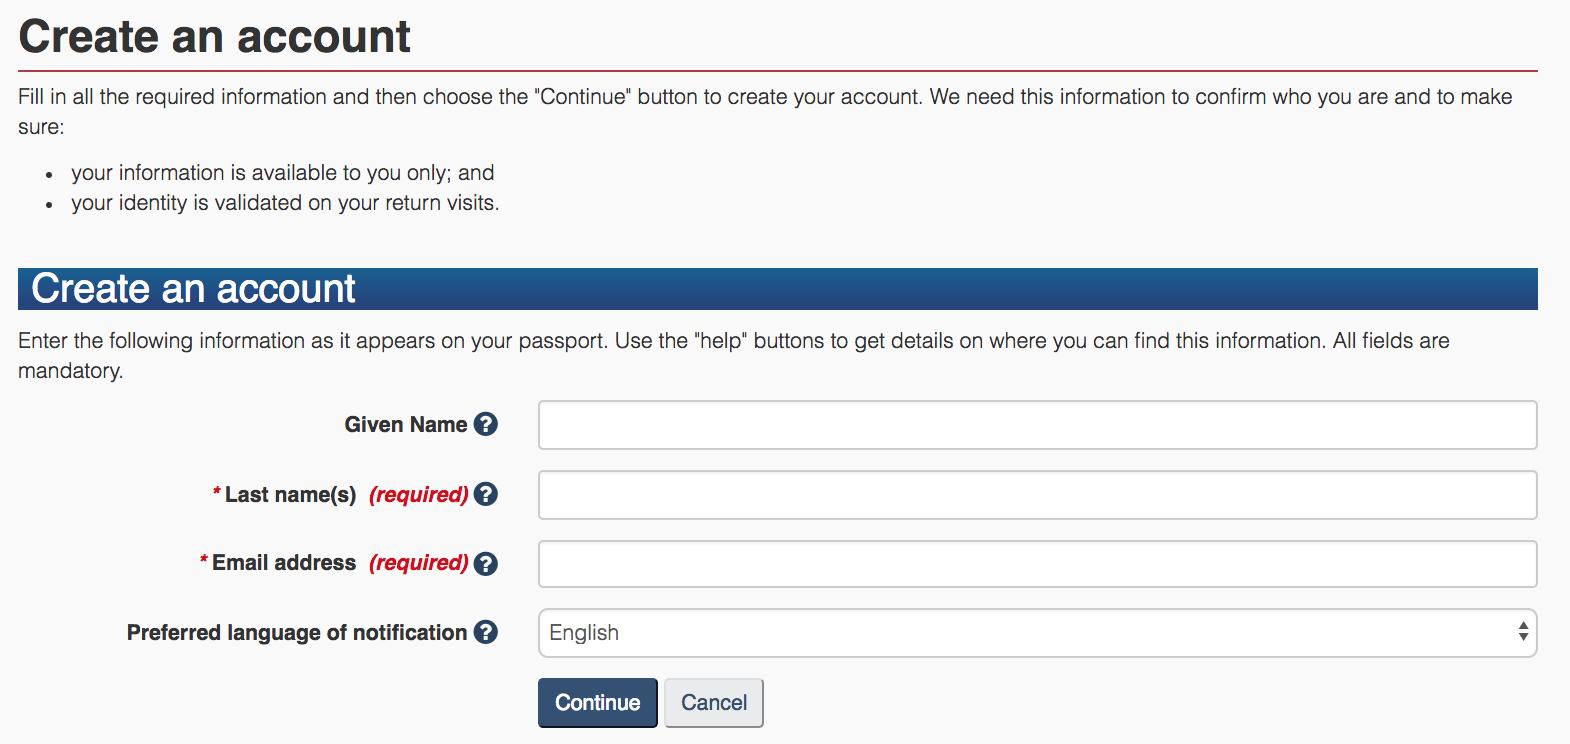 Tutorial-IEC-Create-an-account